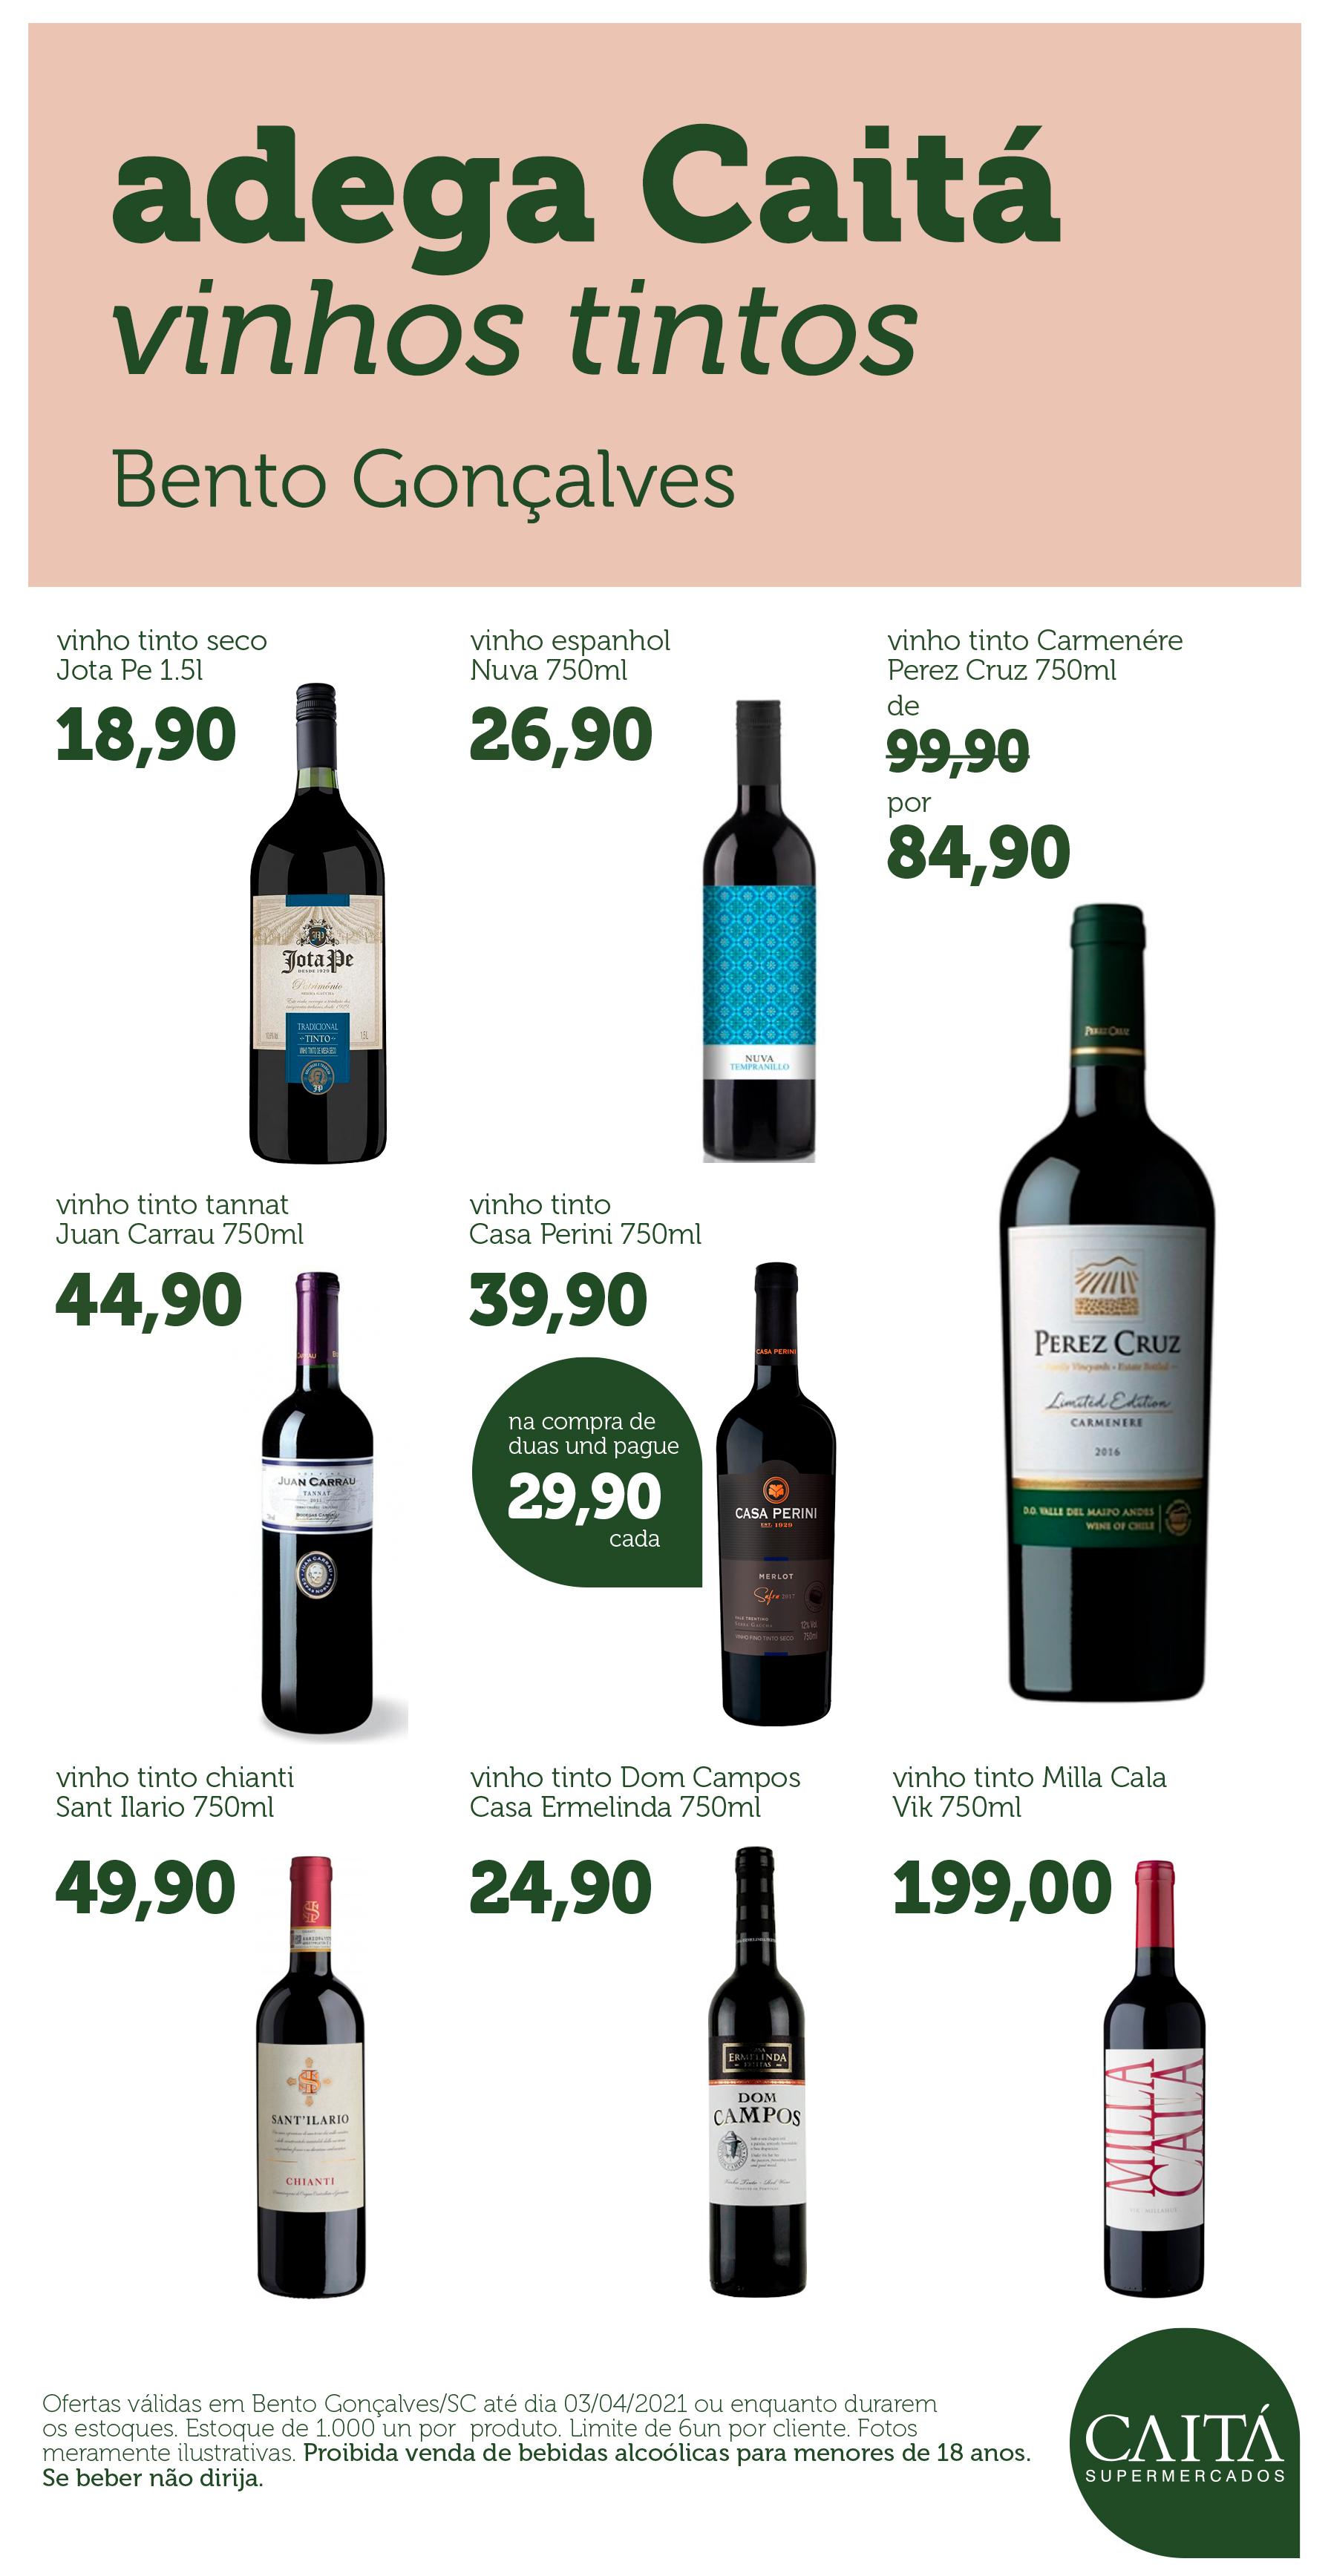 vinhos tintos_Bento